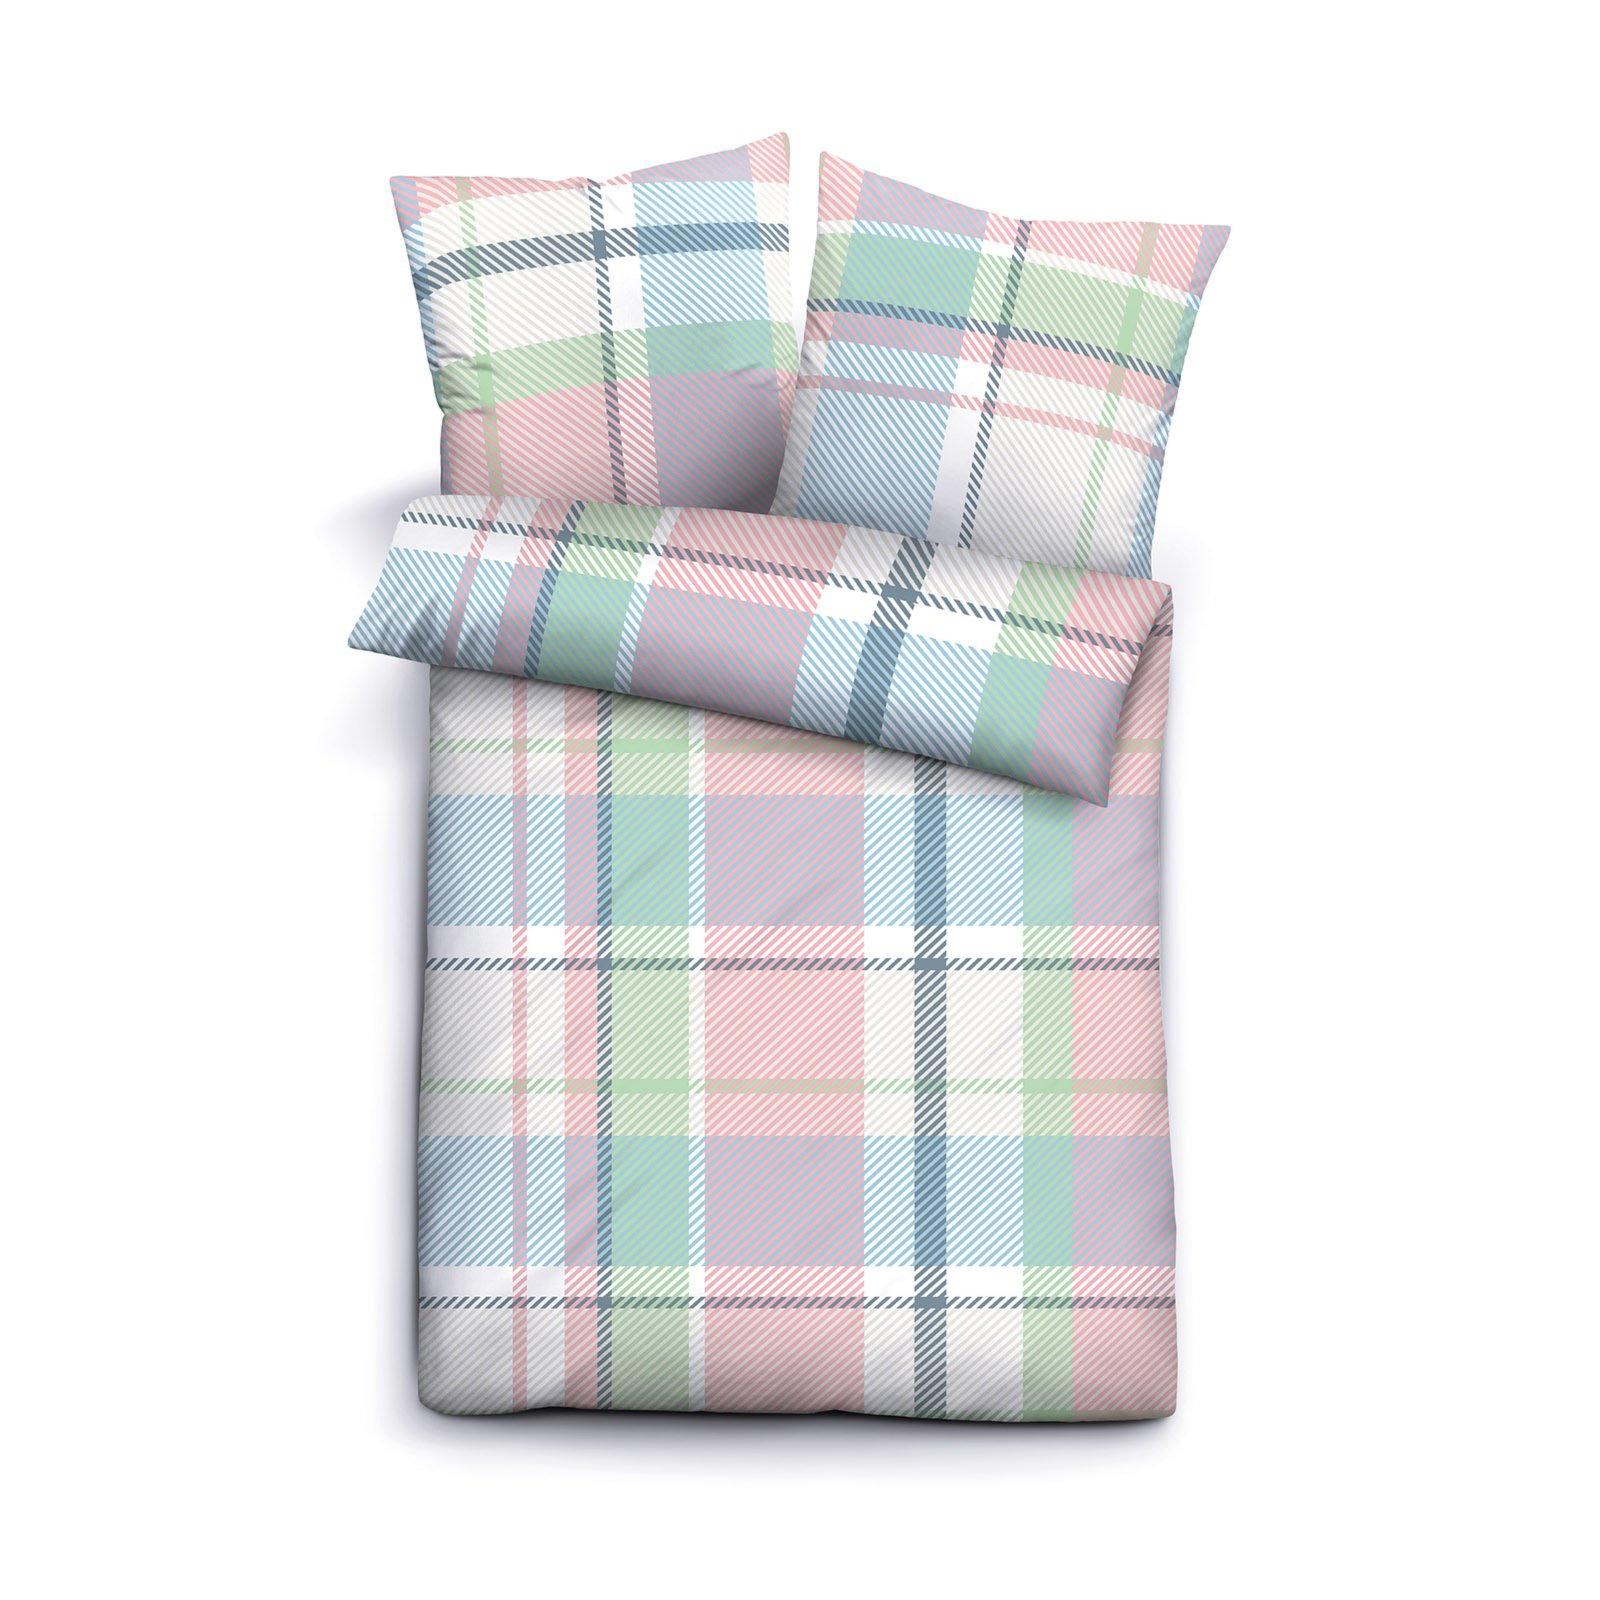 seersucker bettw sche azalee ros 135x200 cm bettw sche bettw sche bettlaken. Black Bedroom Furniture Sets. Home Design Ideas